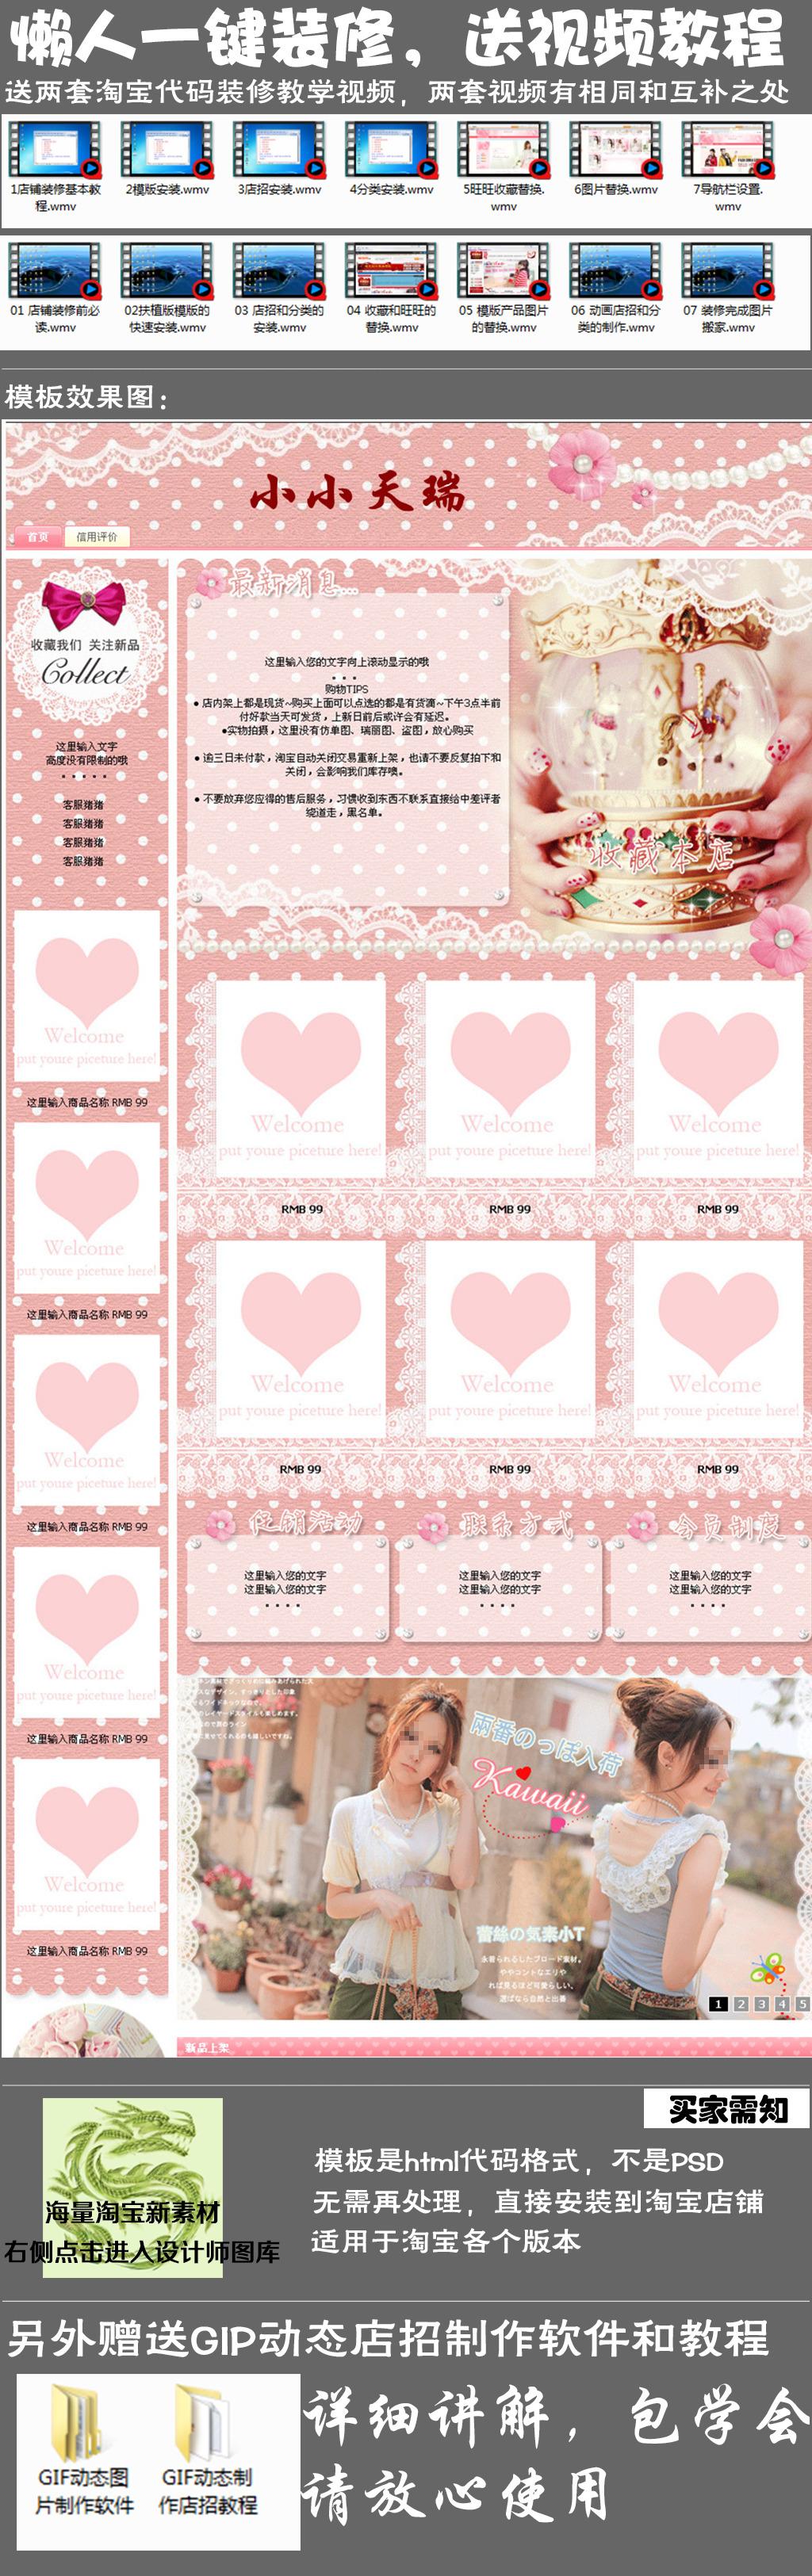 淘宝代码模板 女装店铺 小清新 粉色背景 天猫商城 收藏和旺旺的替换